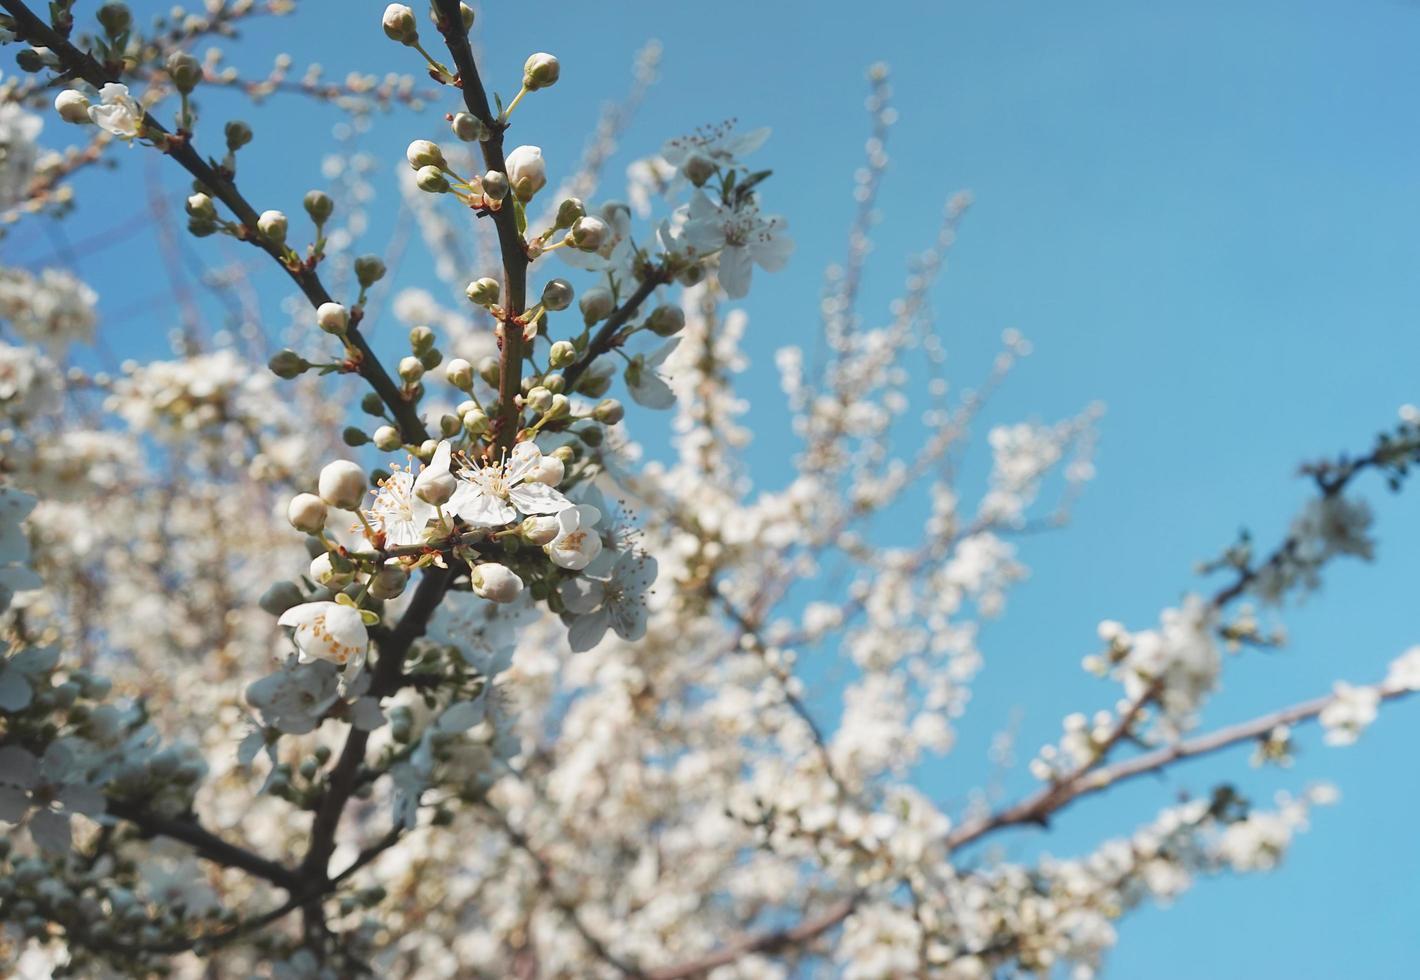 naturlig blommig bakgrund av ett blommande fruktträd. foto